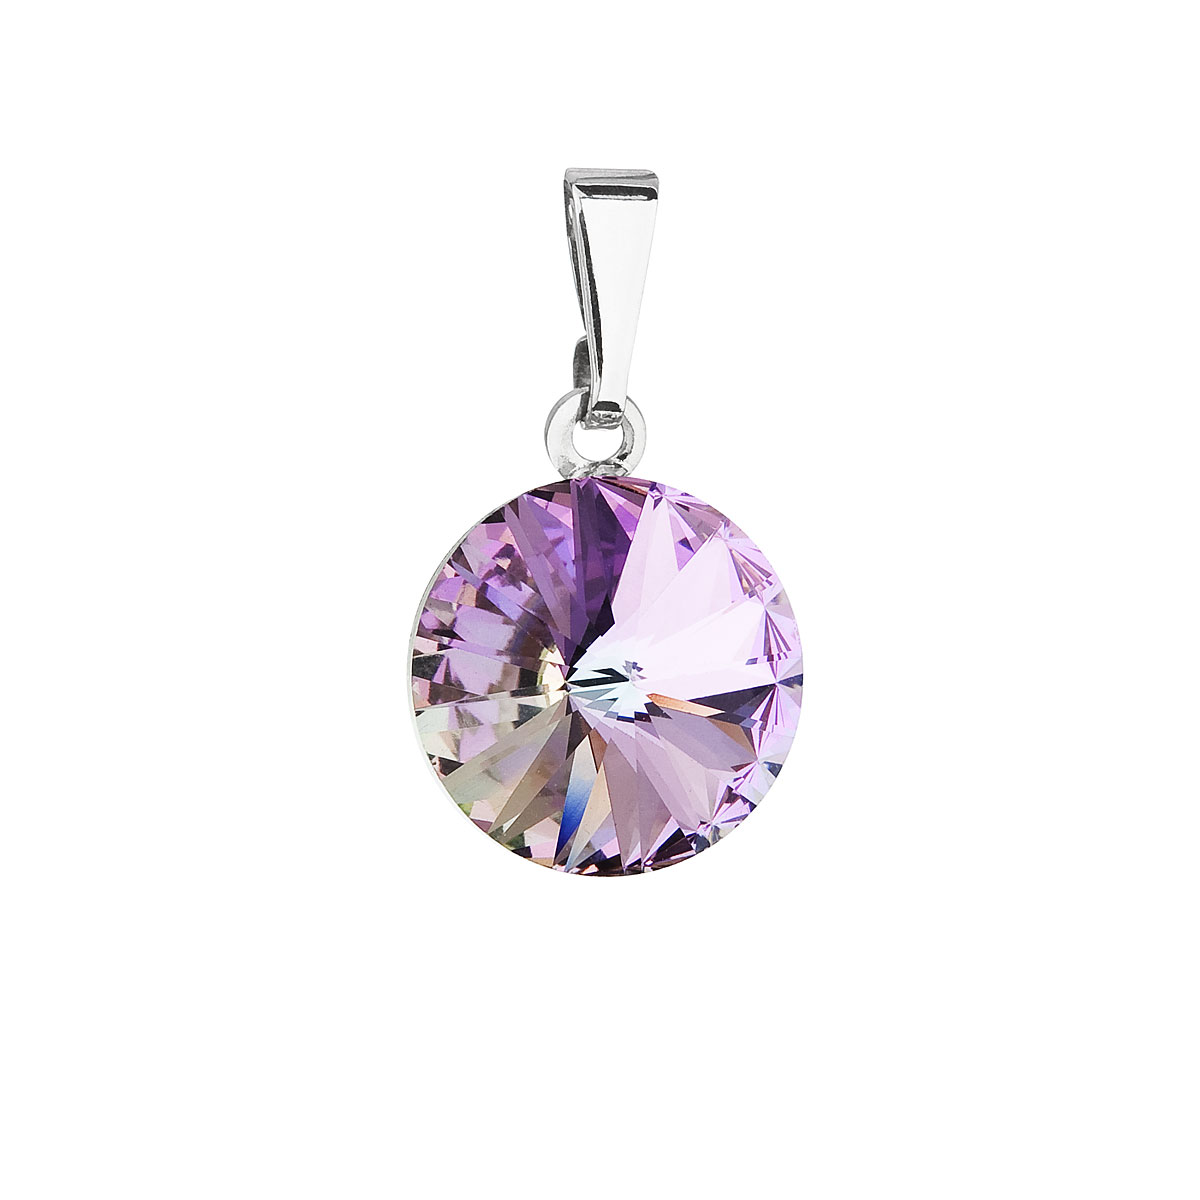 Evolution Group Přívěsek se Swarovski krystaly fialový kulatý 54001.5